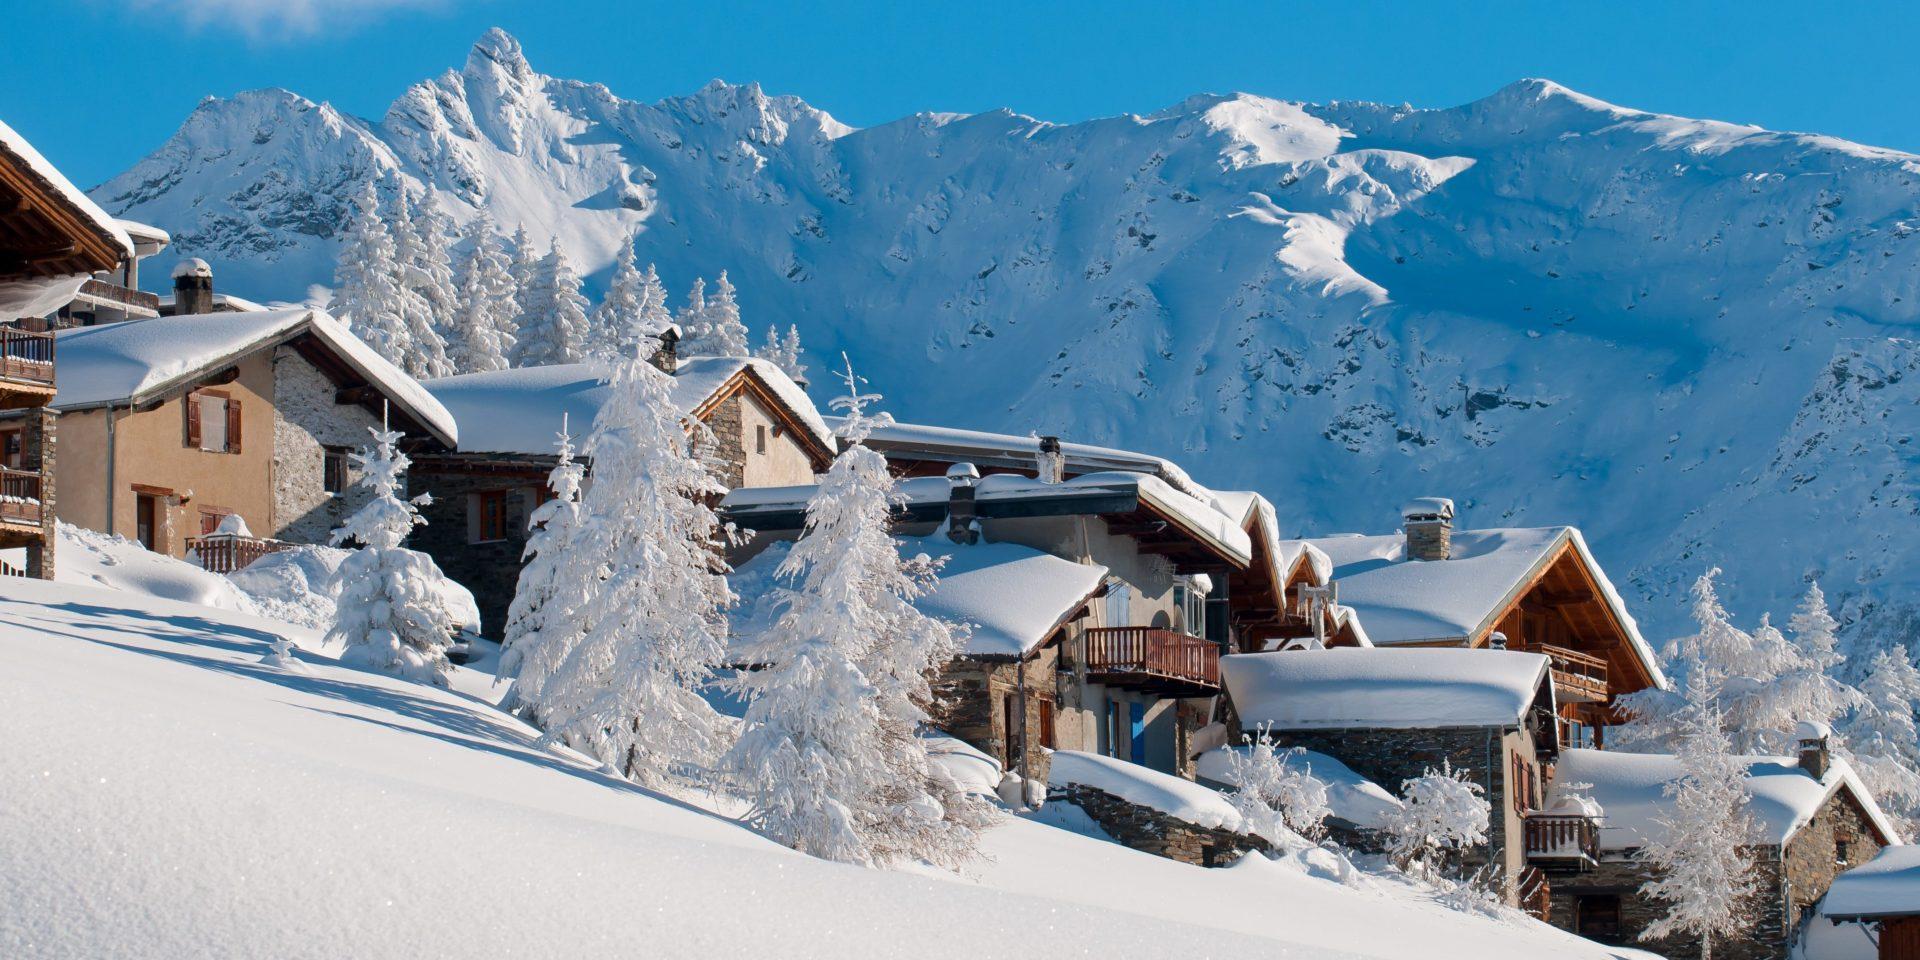 La Rosiere Espace San Bernardo Frankrijk wintersport skivakantie luxe dorp bergen sneeuw besneeuwde bomen